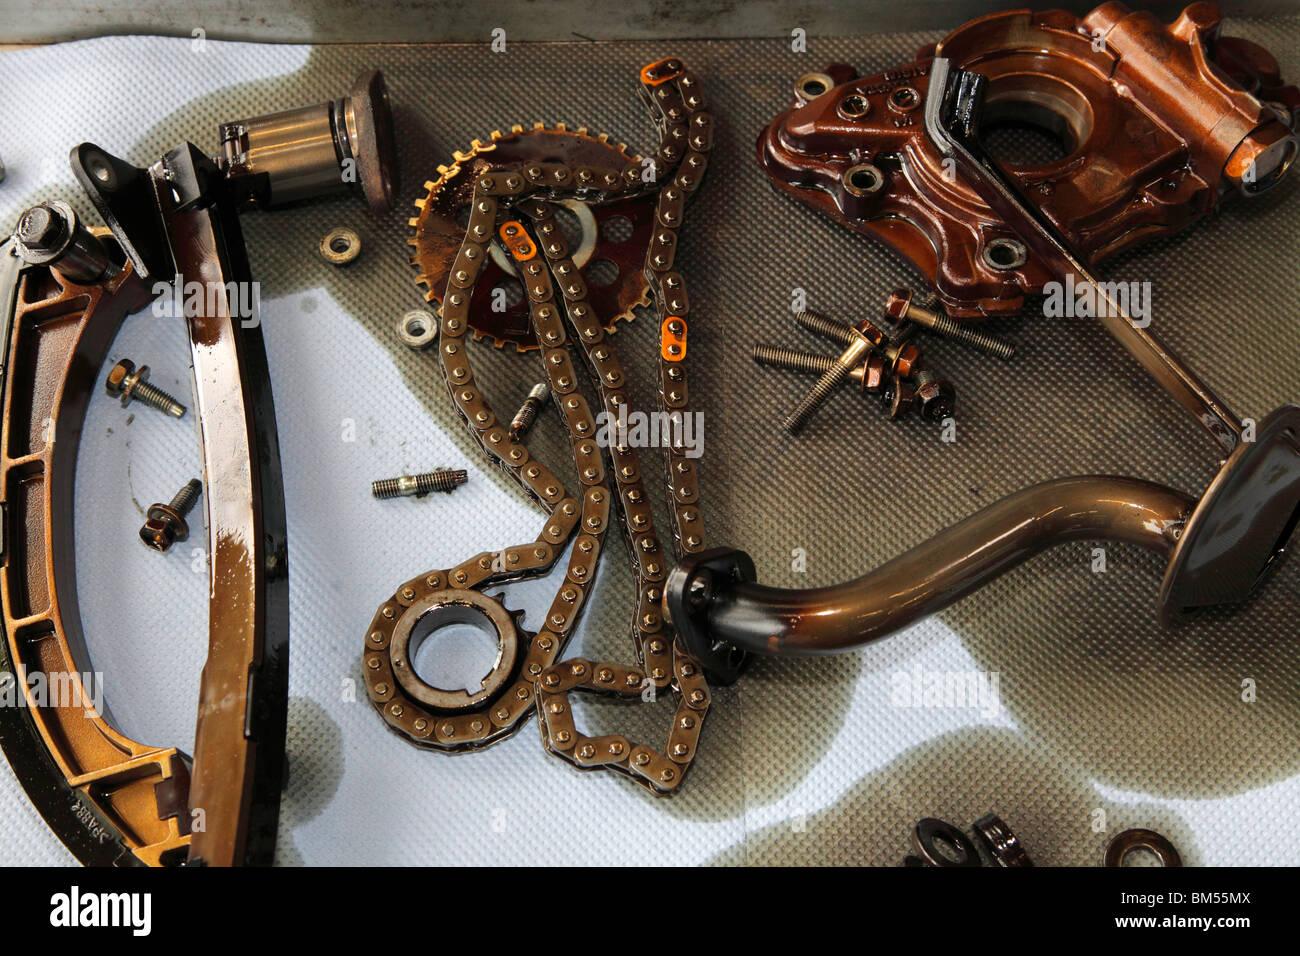 Teile eines Toyota Avensis Motor in einer Ölwanne; Motor nach einer Rückrufaktion ändern Stockbild